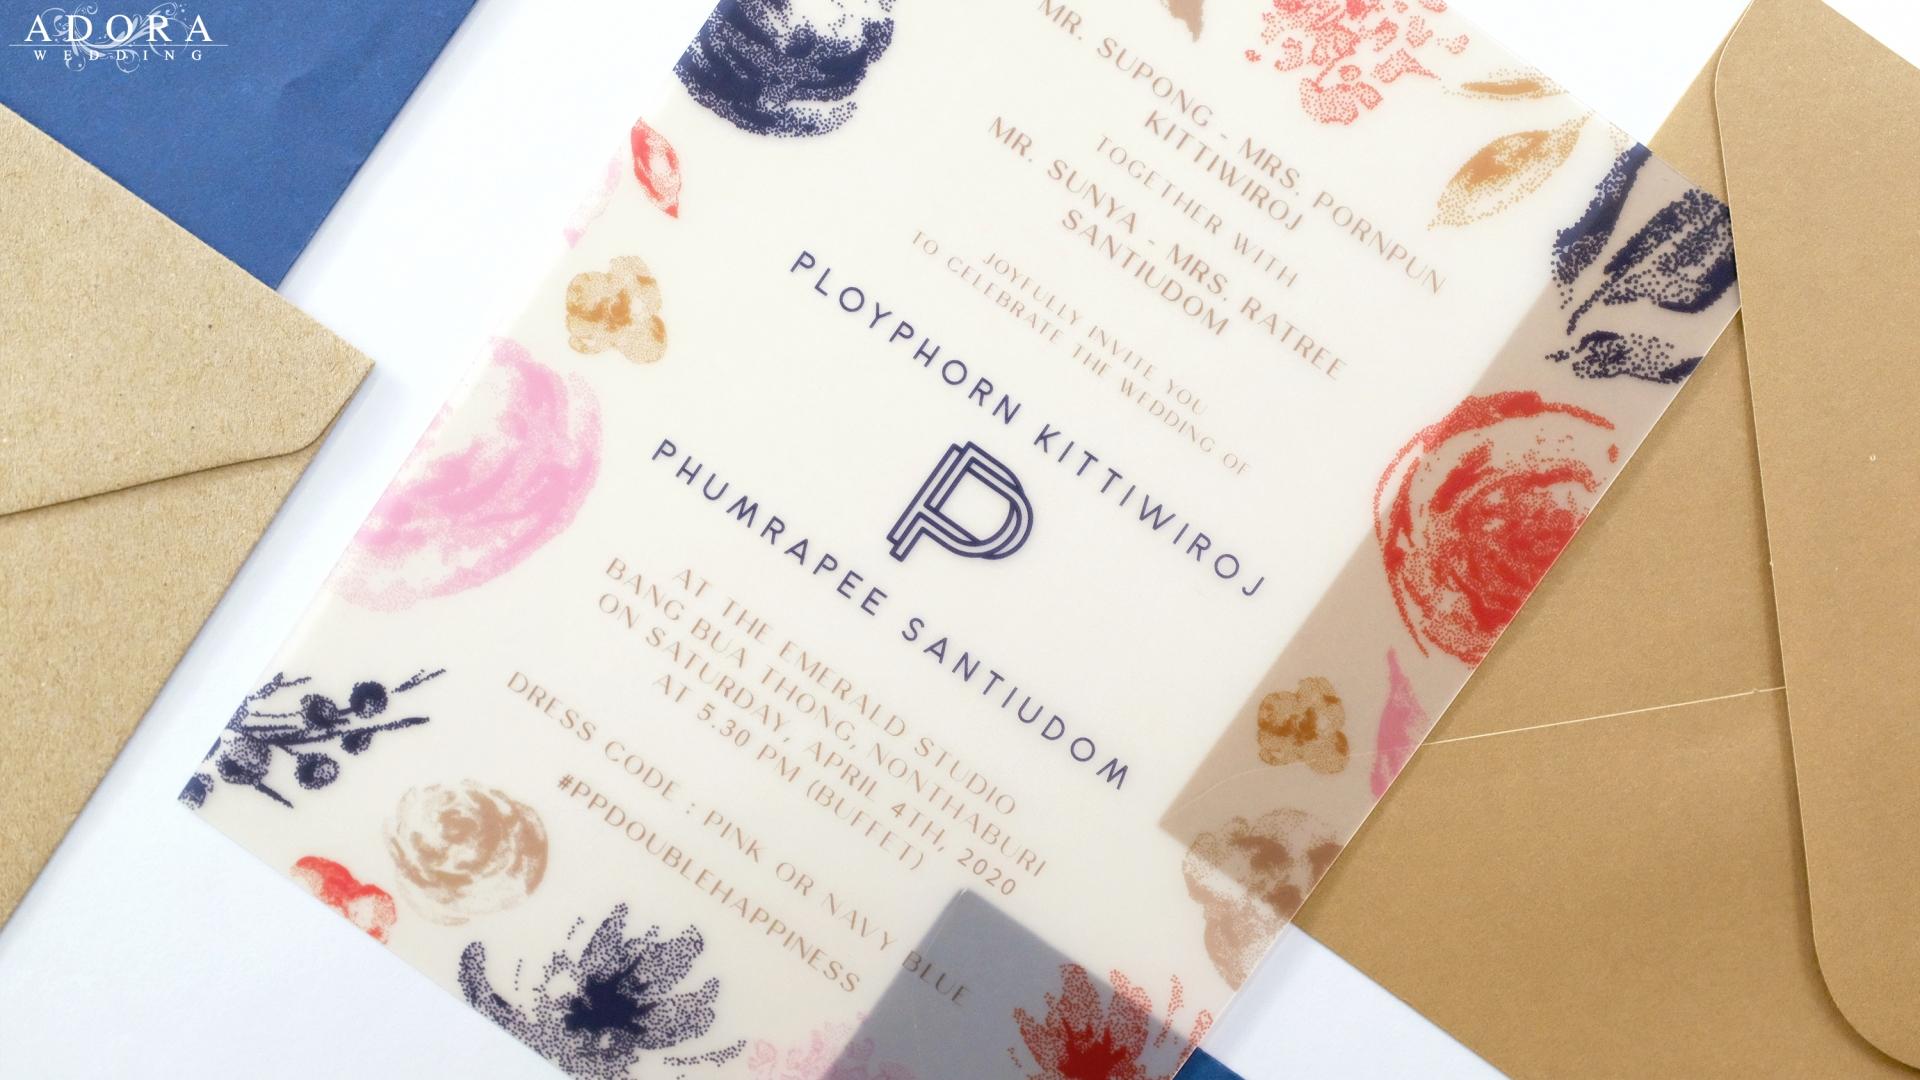 B170LM-wedding-card-2